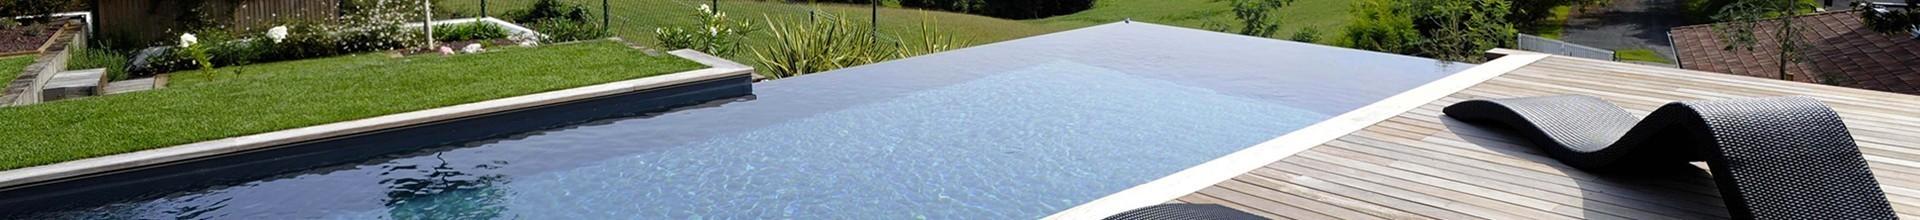 Pays : Belgique Fabricant d'une piscine révolutionnaire et innovante